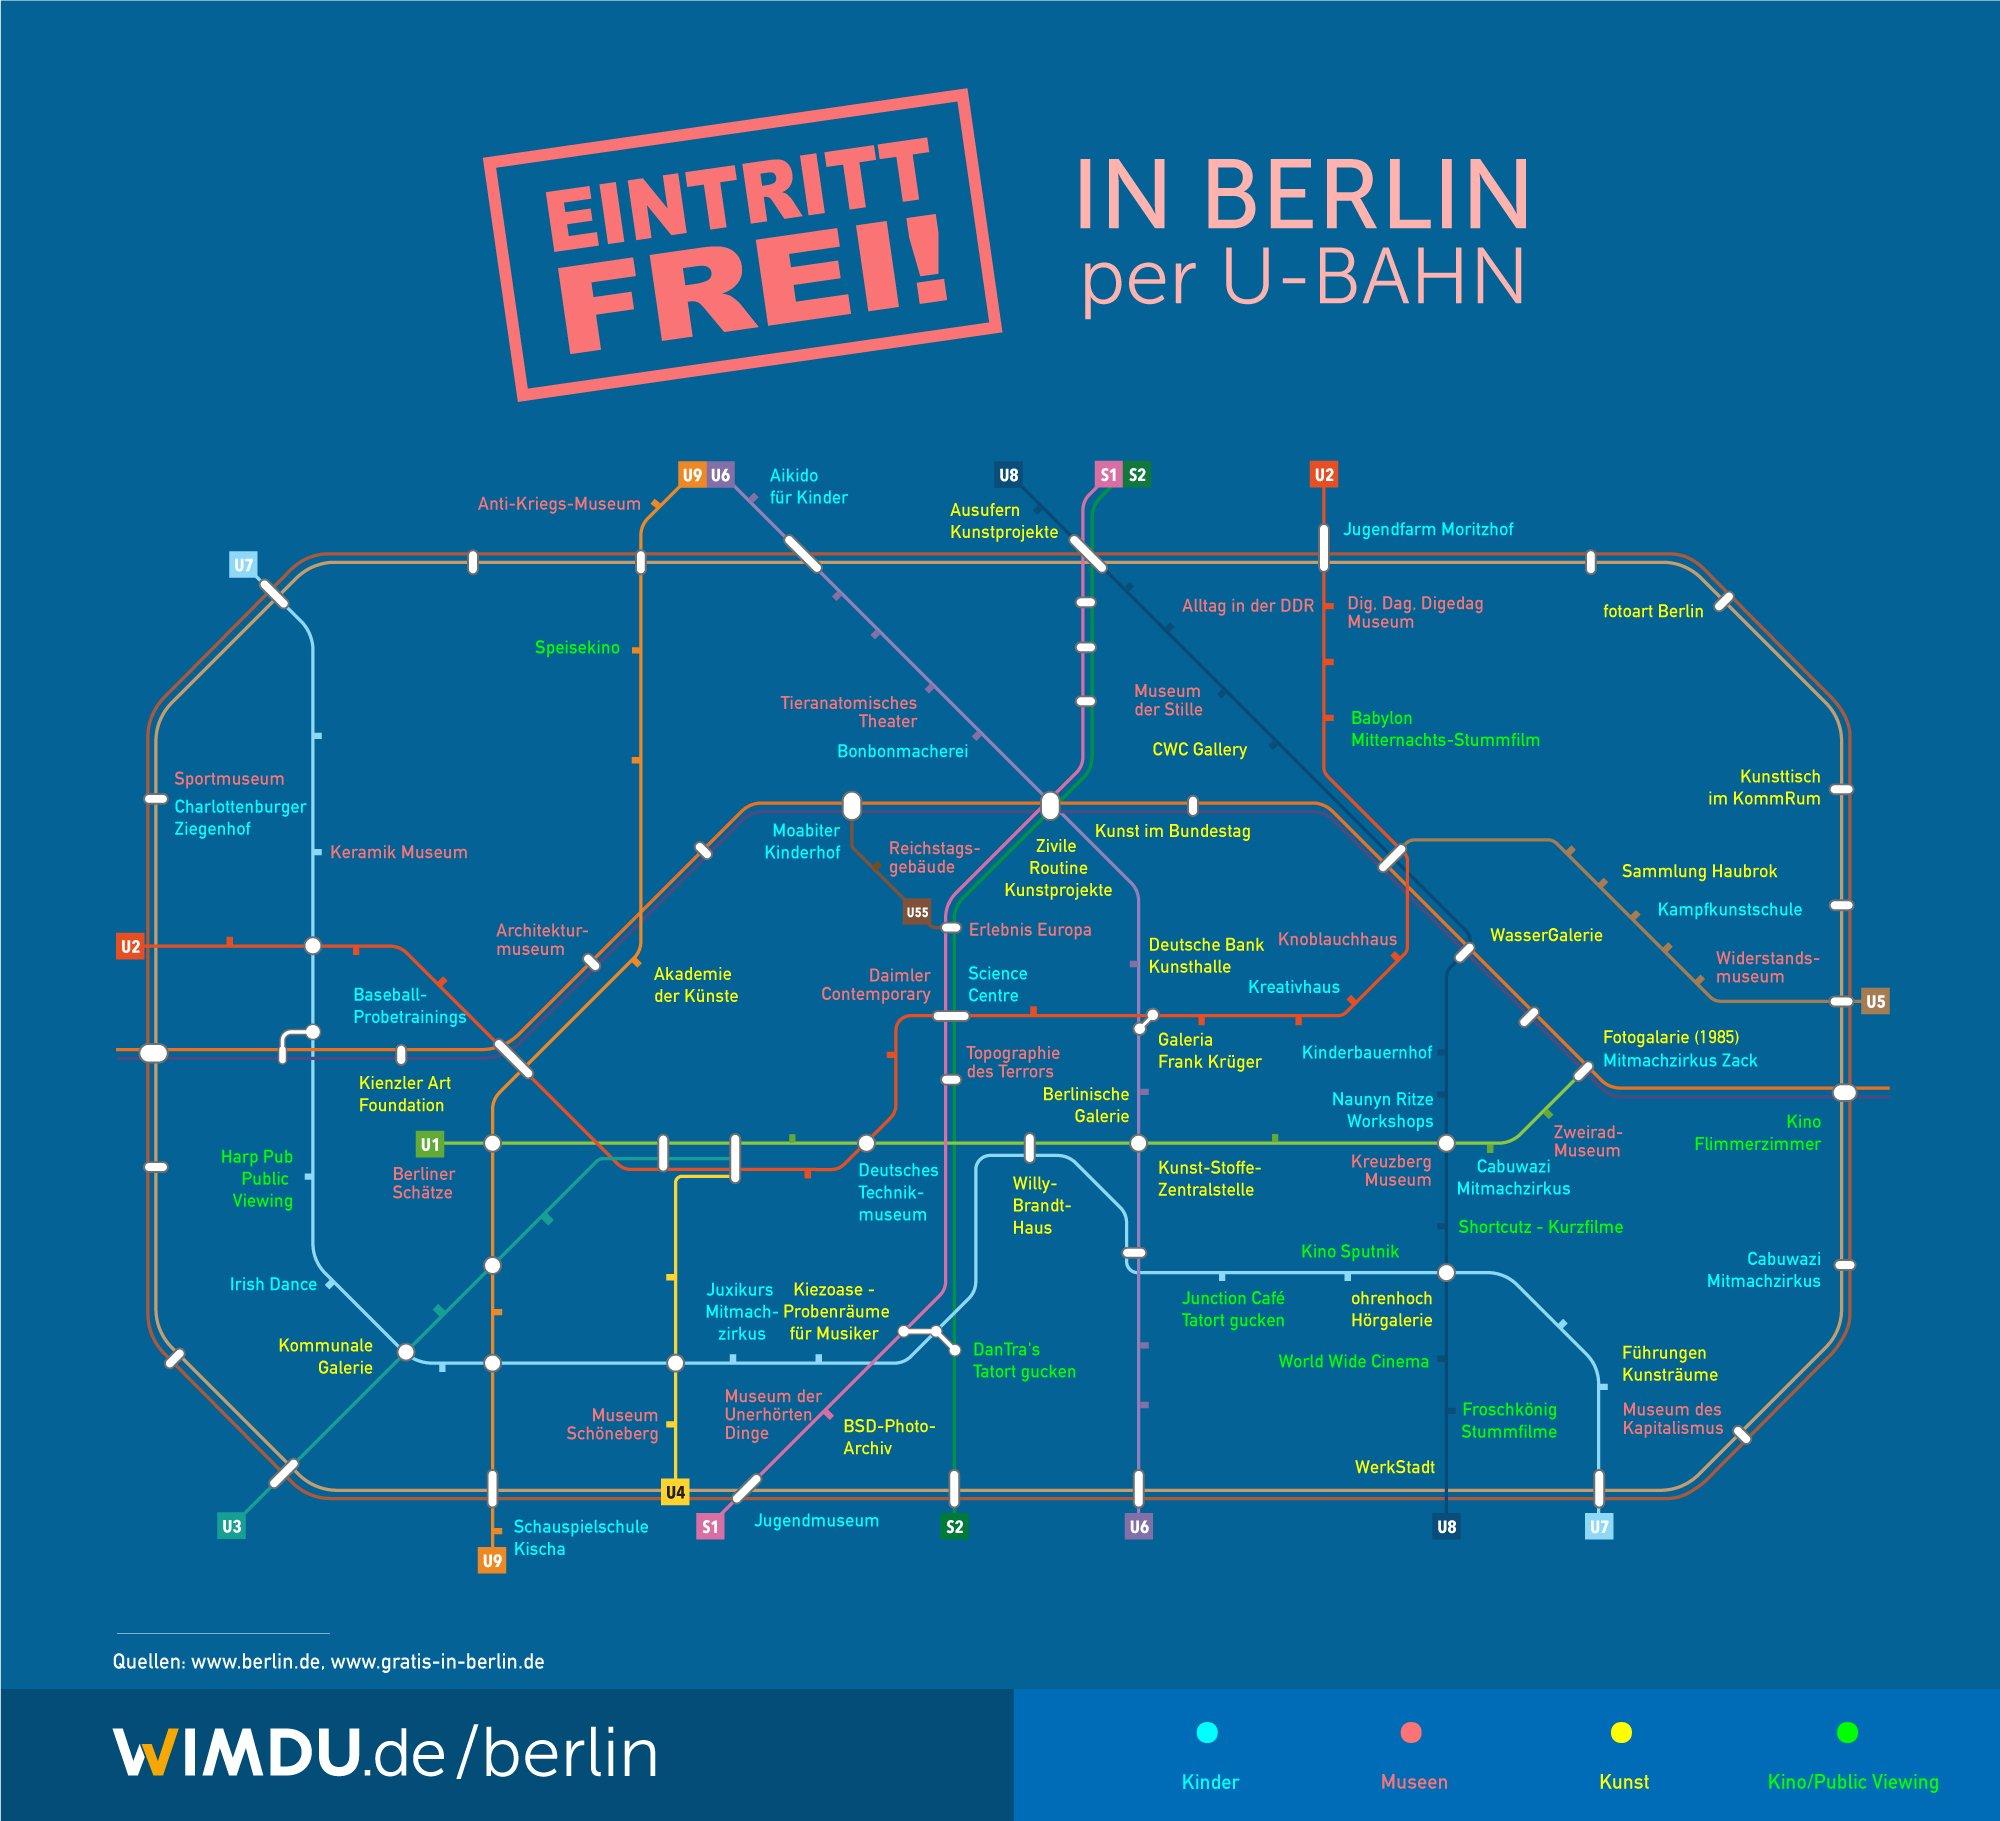 Eintritt Frei Gratis Aktivitaten In Berlin Per U Bahn Wimdu Blog